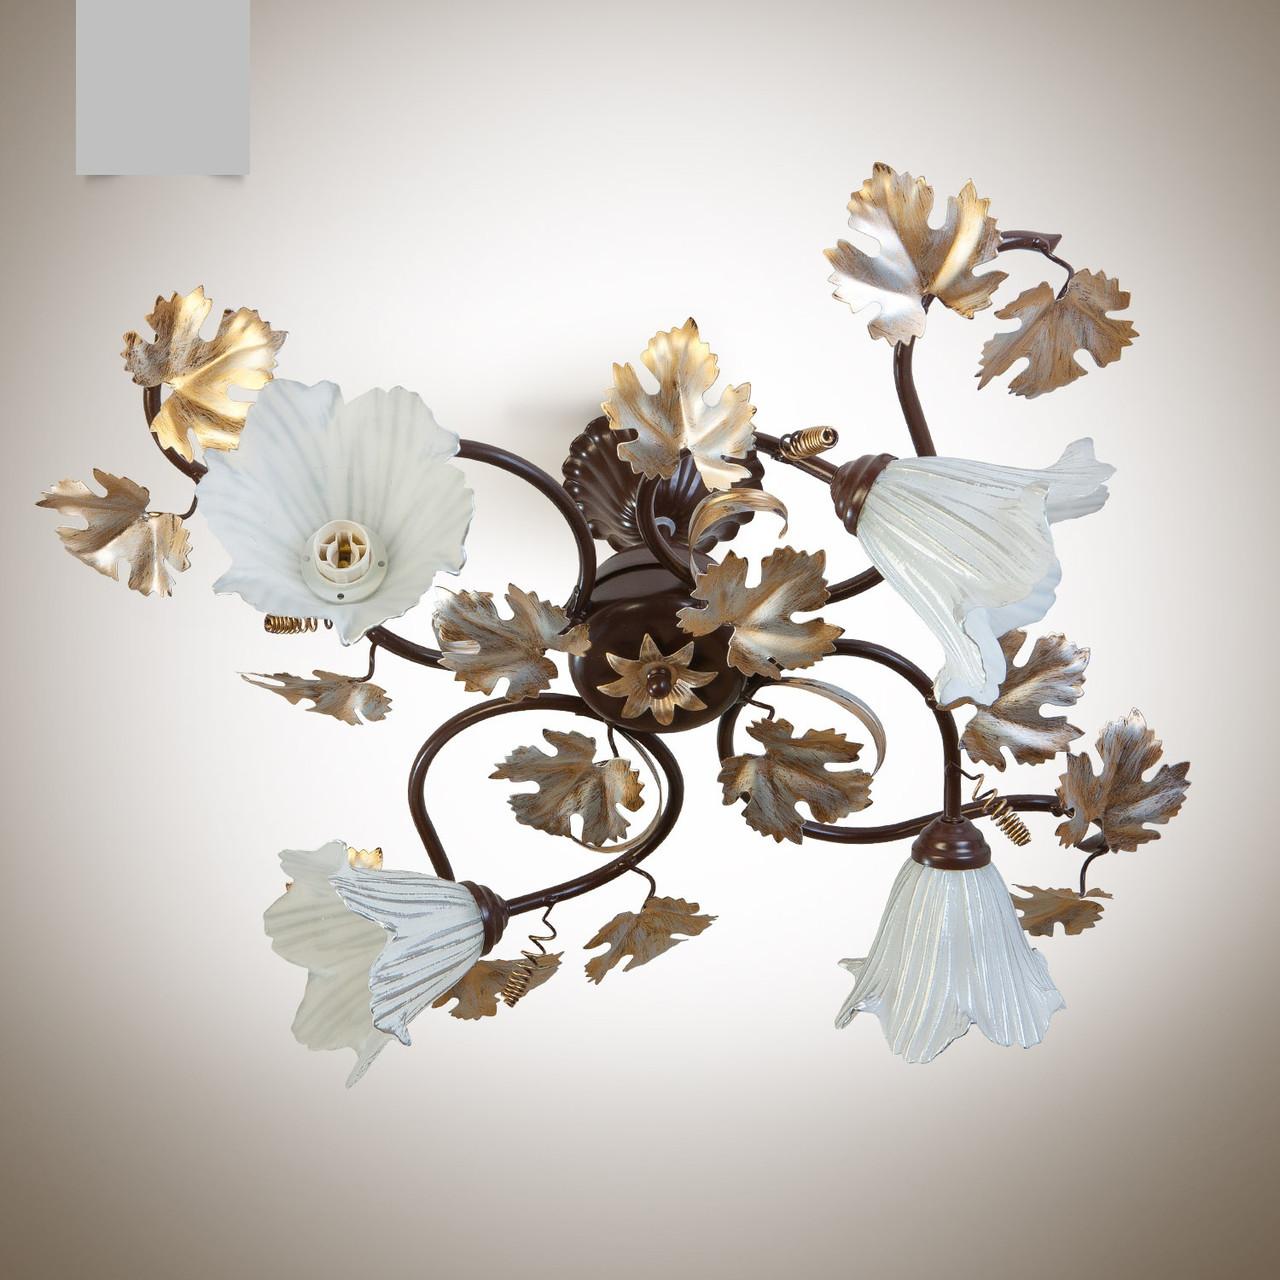 Люстра в стиле флористика с виноградными листьями потолочная на 4 лампы для спальни, кухни, зала 814